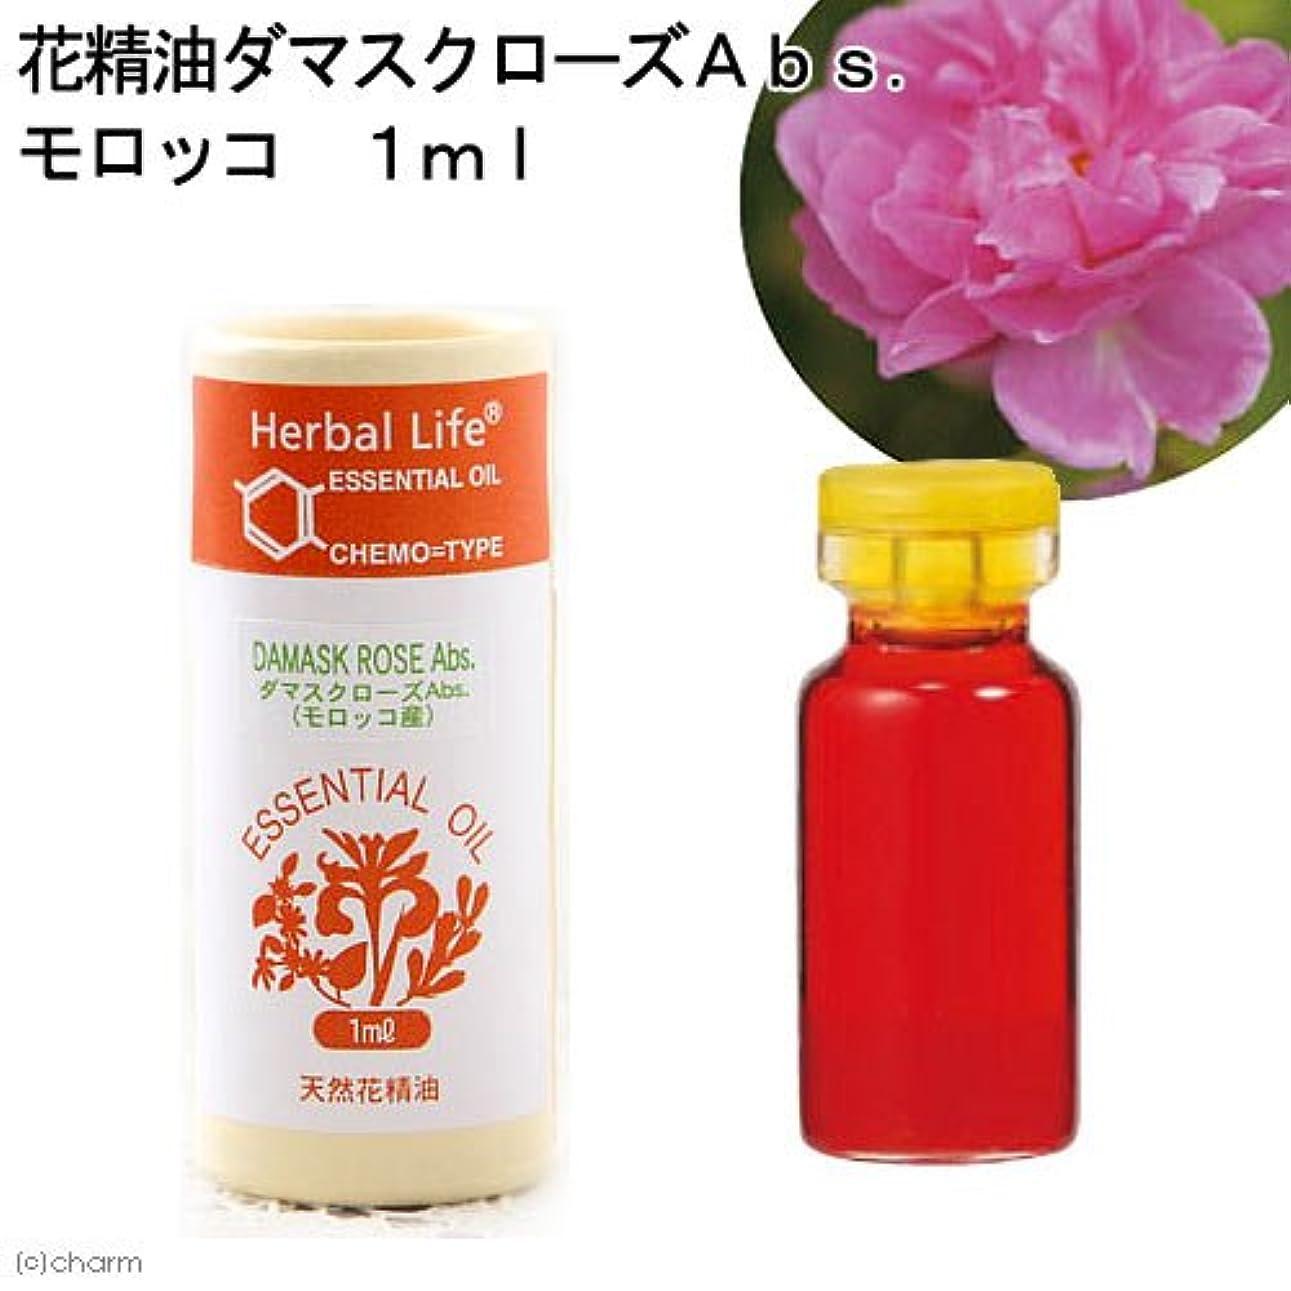 意気揚々つづりベスビオ山Herbal Life ダマスクローズAbs.(モロッコ産) 1ml